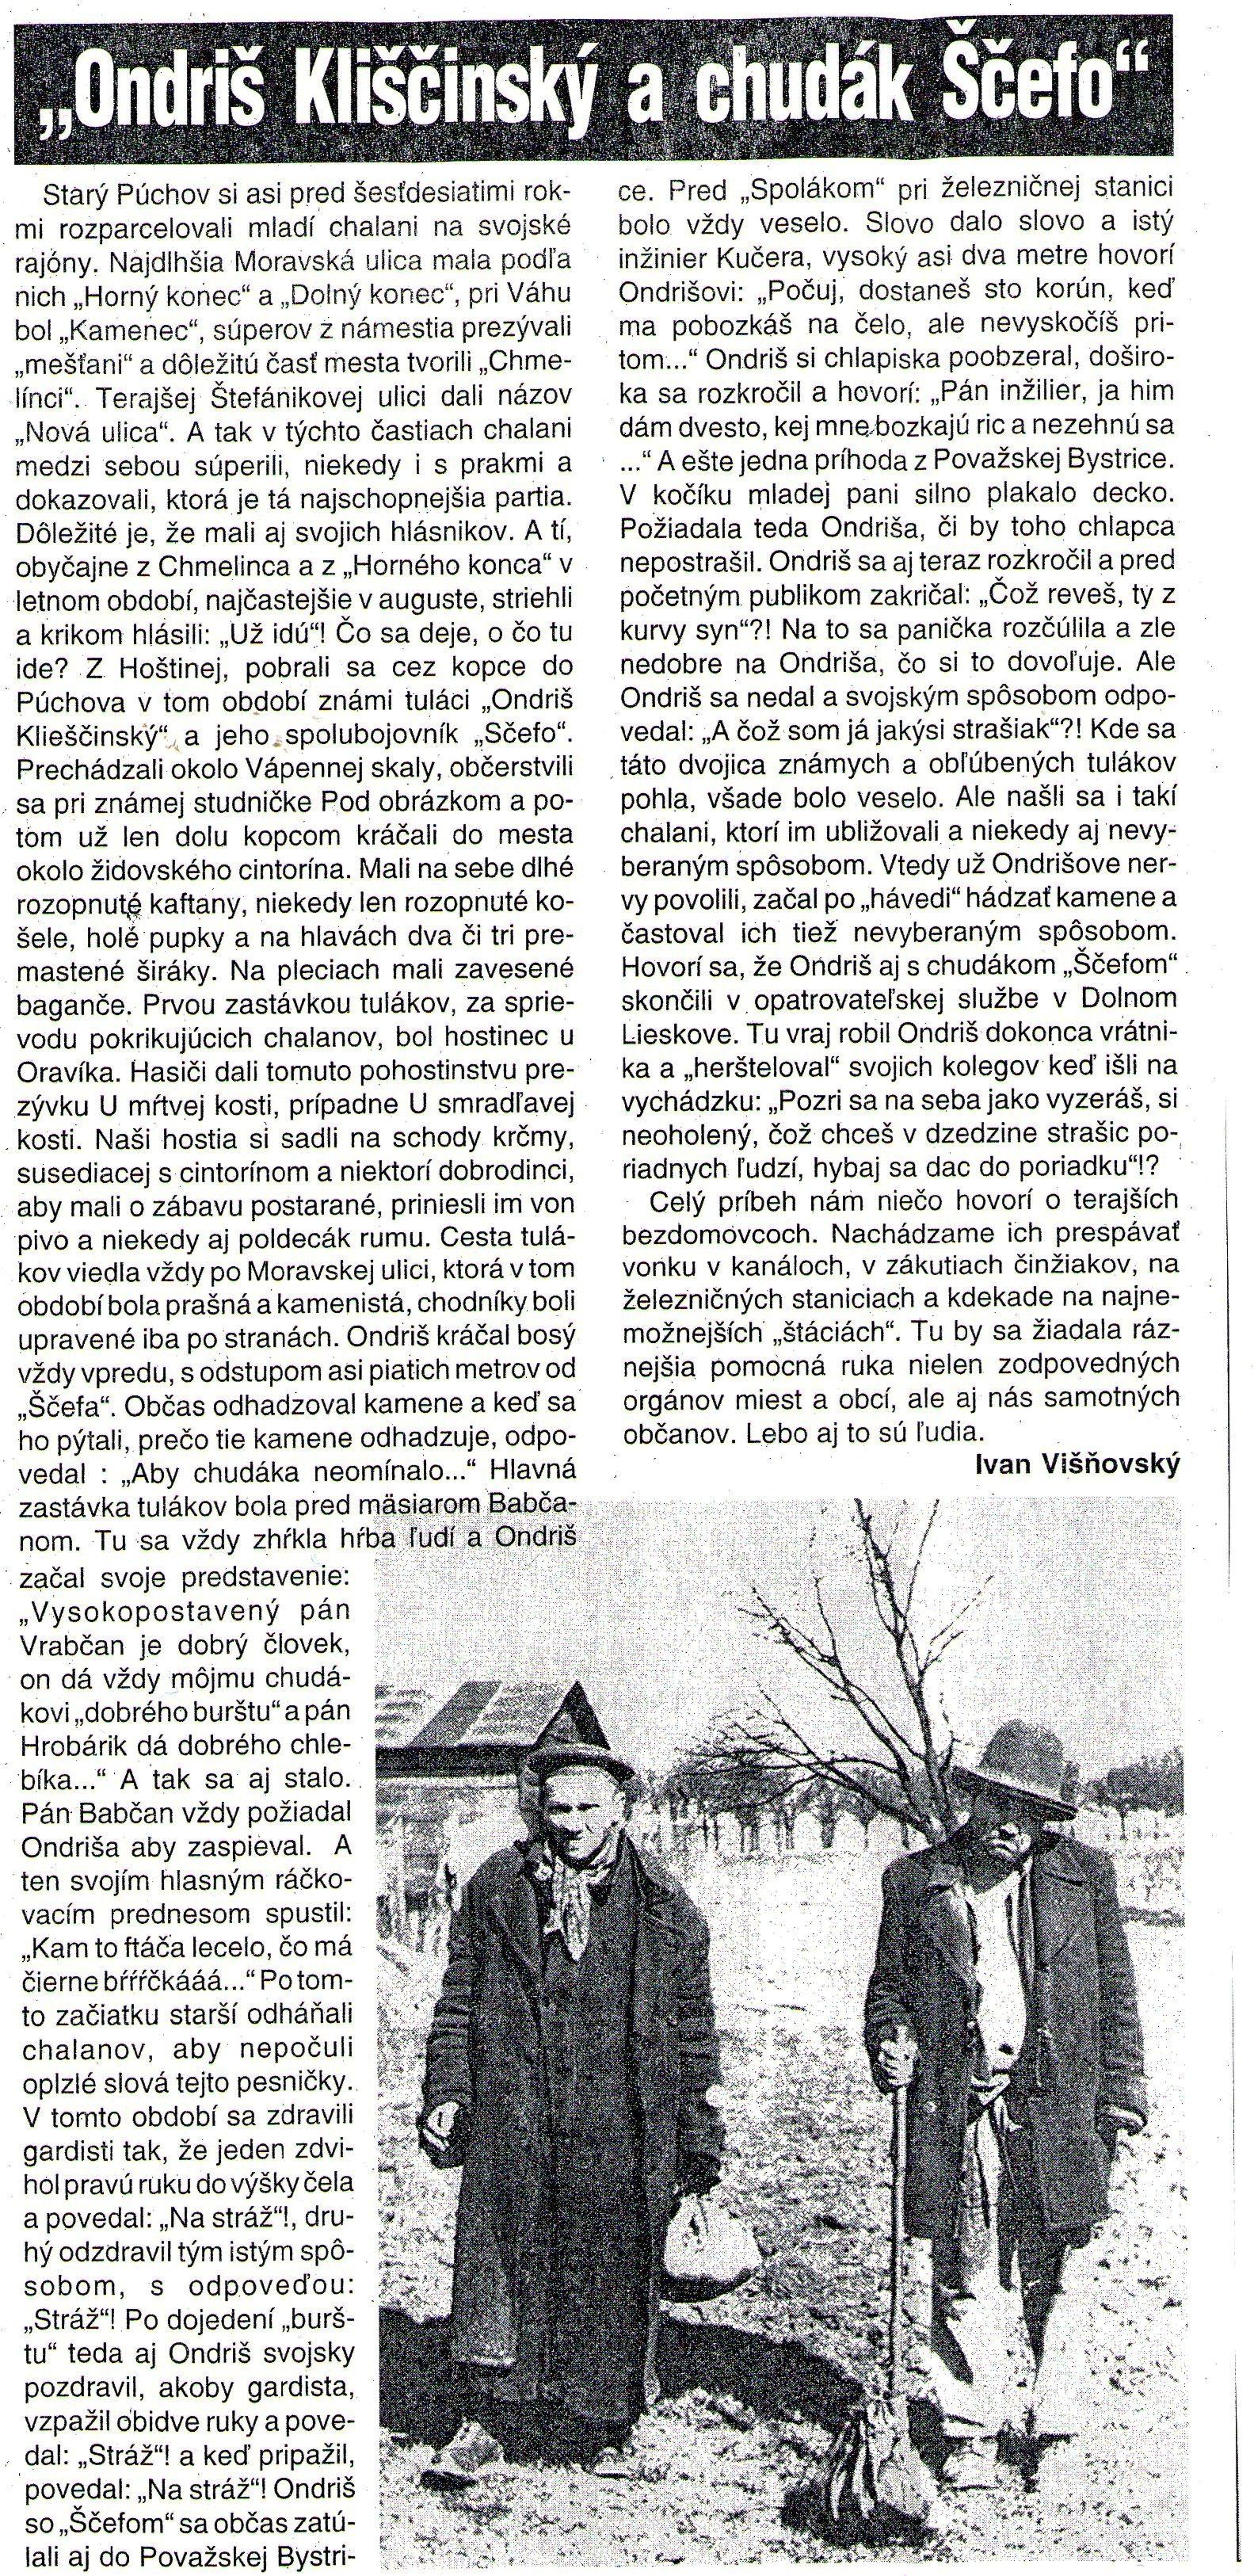 Ondriš & Ščefo